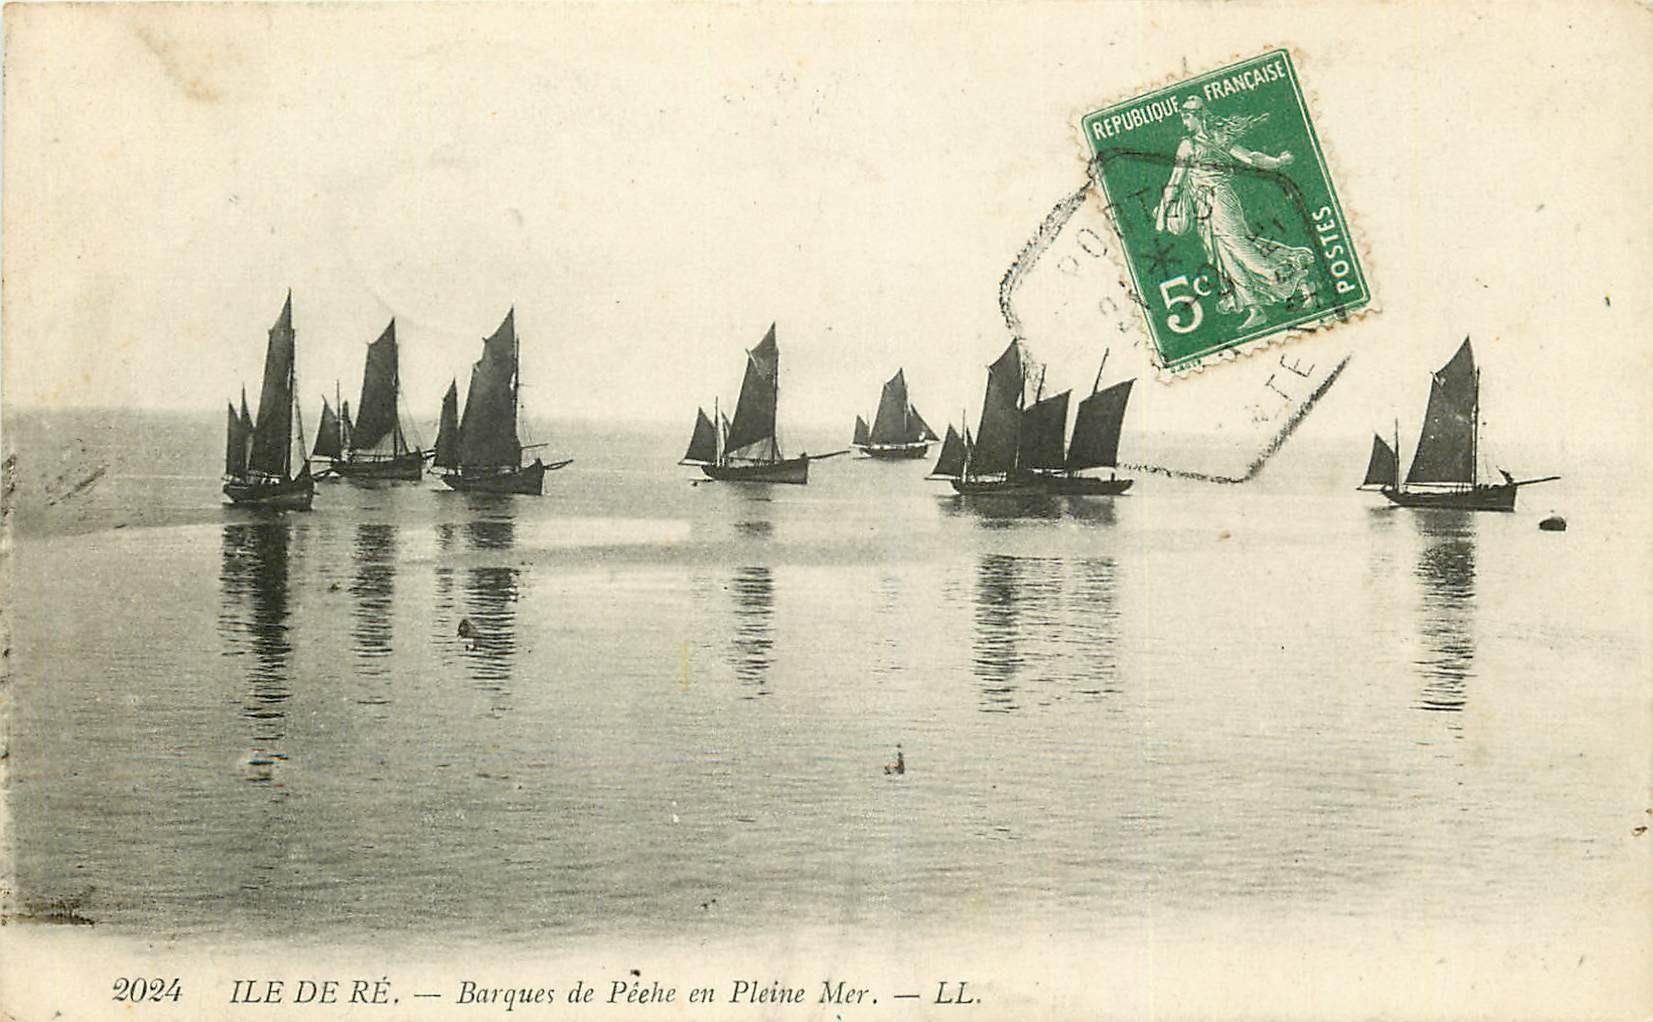 17 ILE DE RE. Barques de Pêche en Pleine Mer 1913